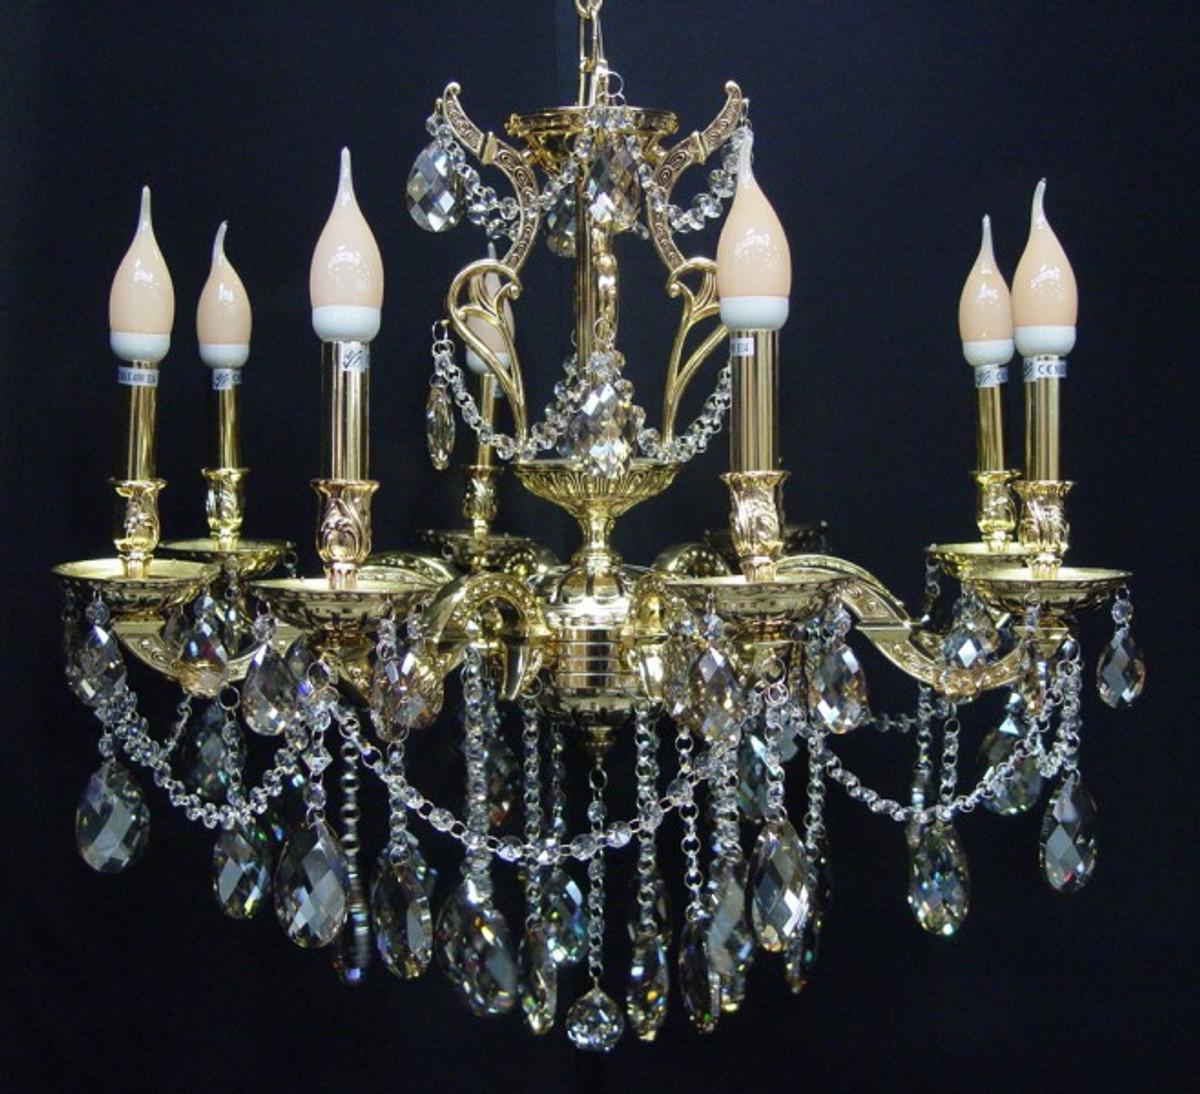 Malerisch Kronleuchter 8 Flammig Foto Von Casa Padrino Barock Kristall 8-flammig Gold Modk7